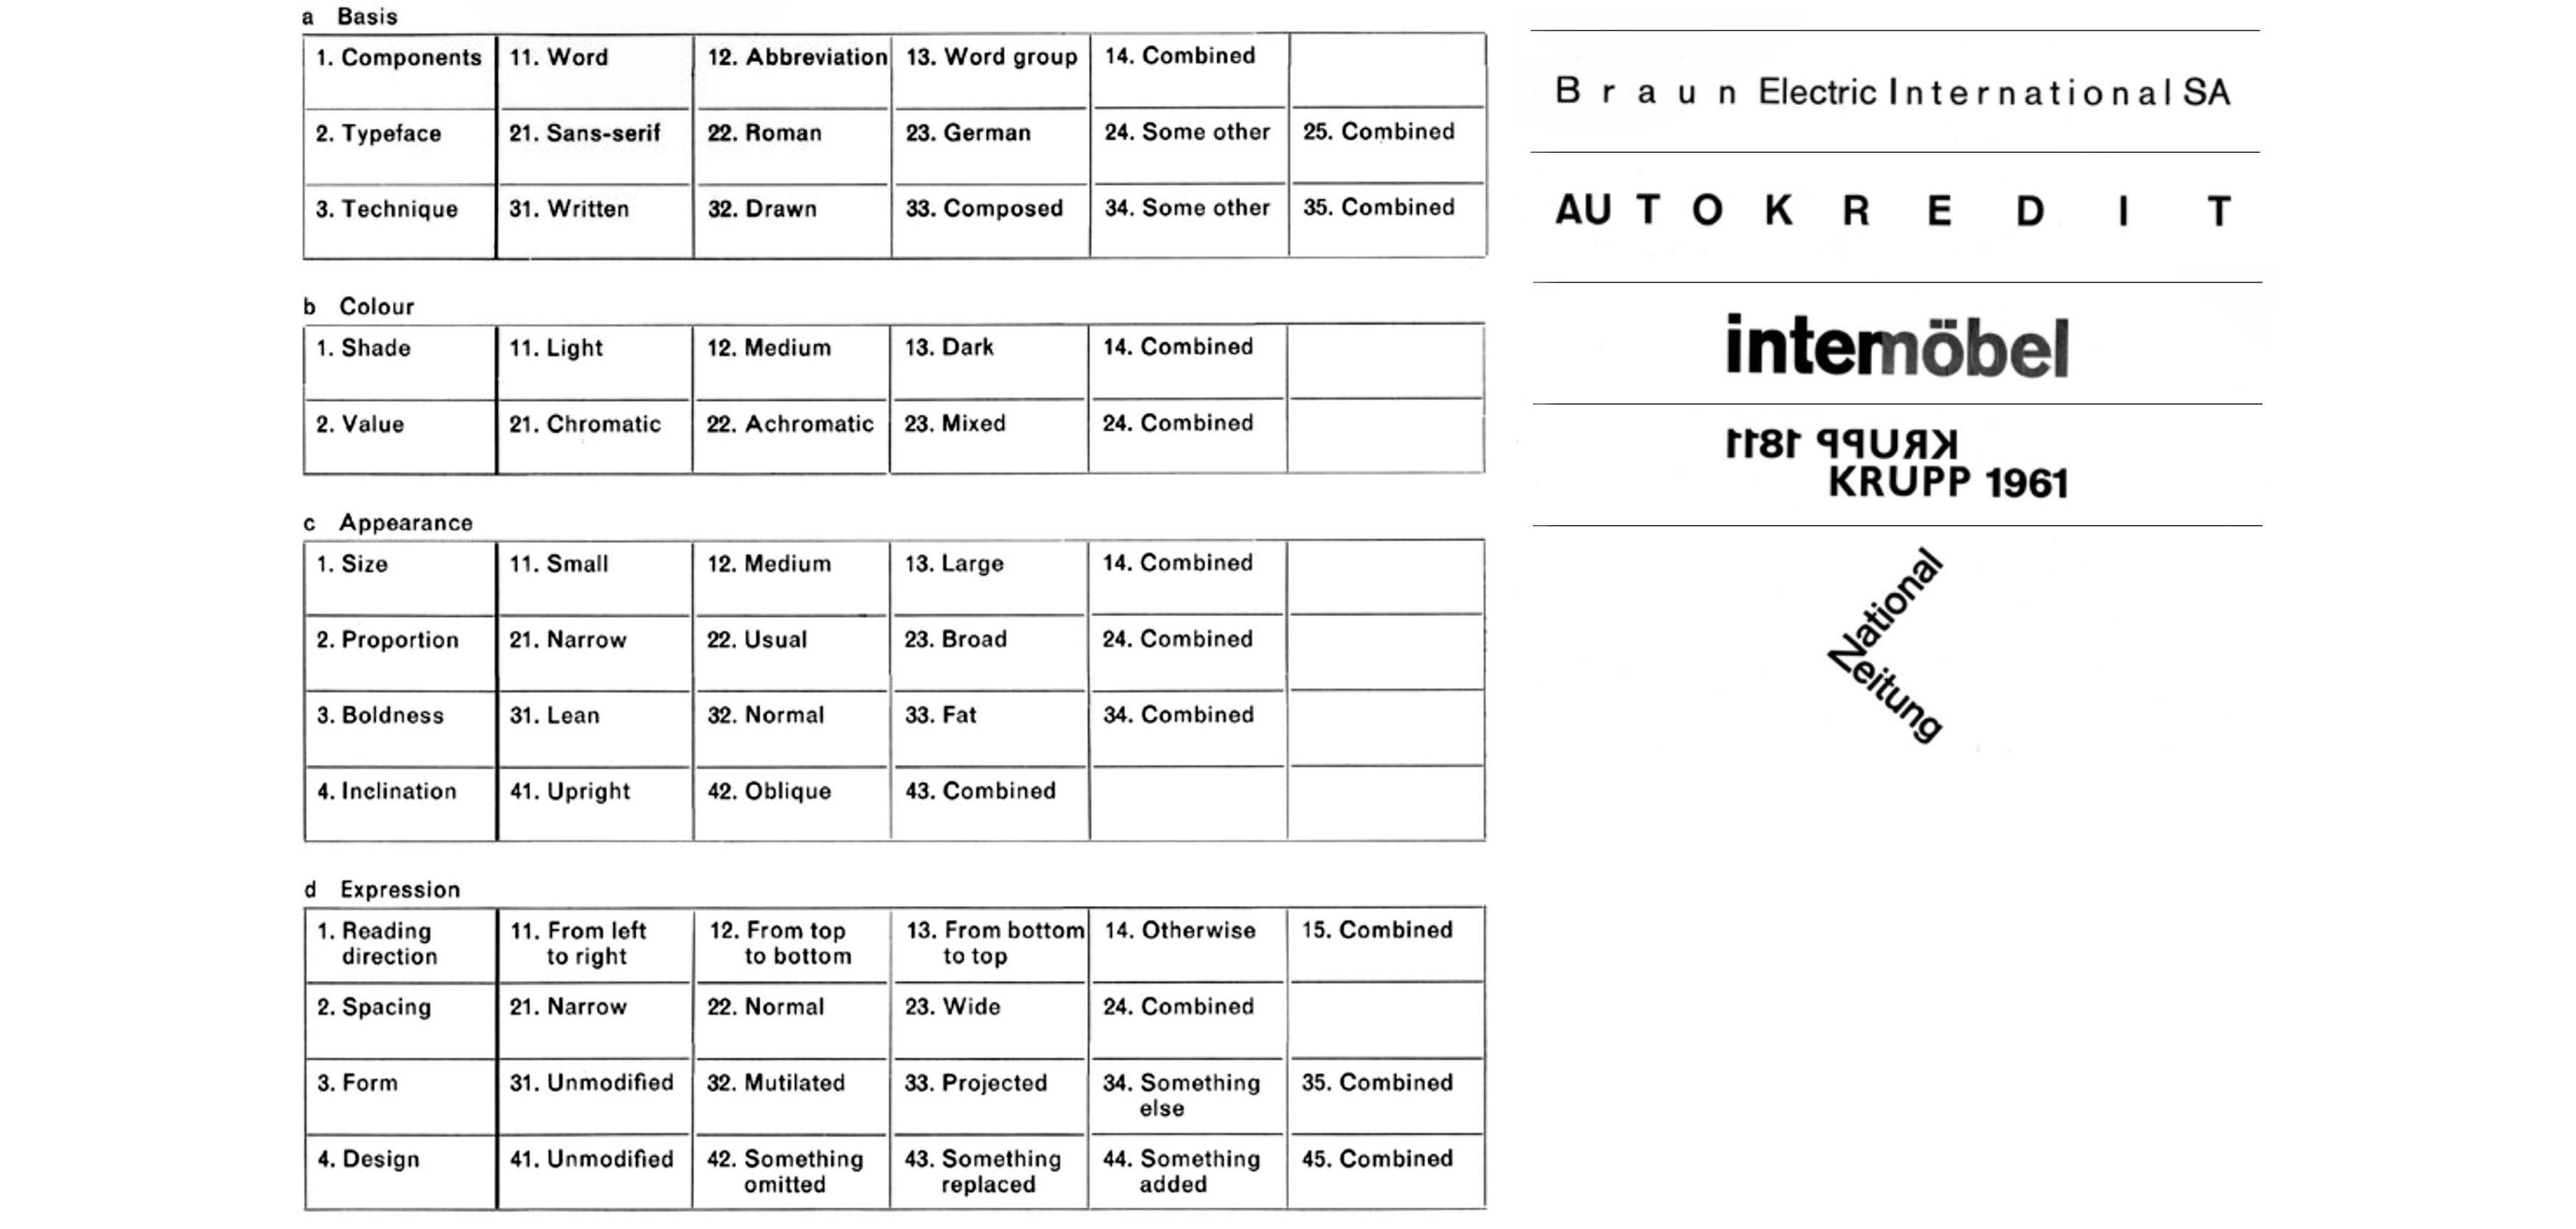 Karl-Gerstner-designing-programmes-1964-tableau-morphologique-du-typogramme-exemples-rules-combinations